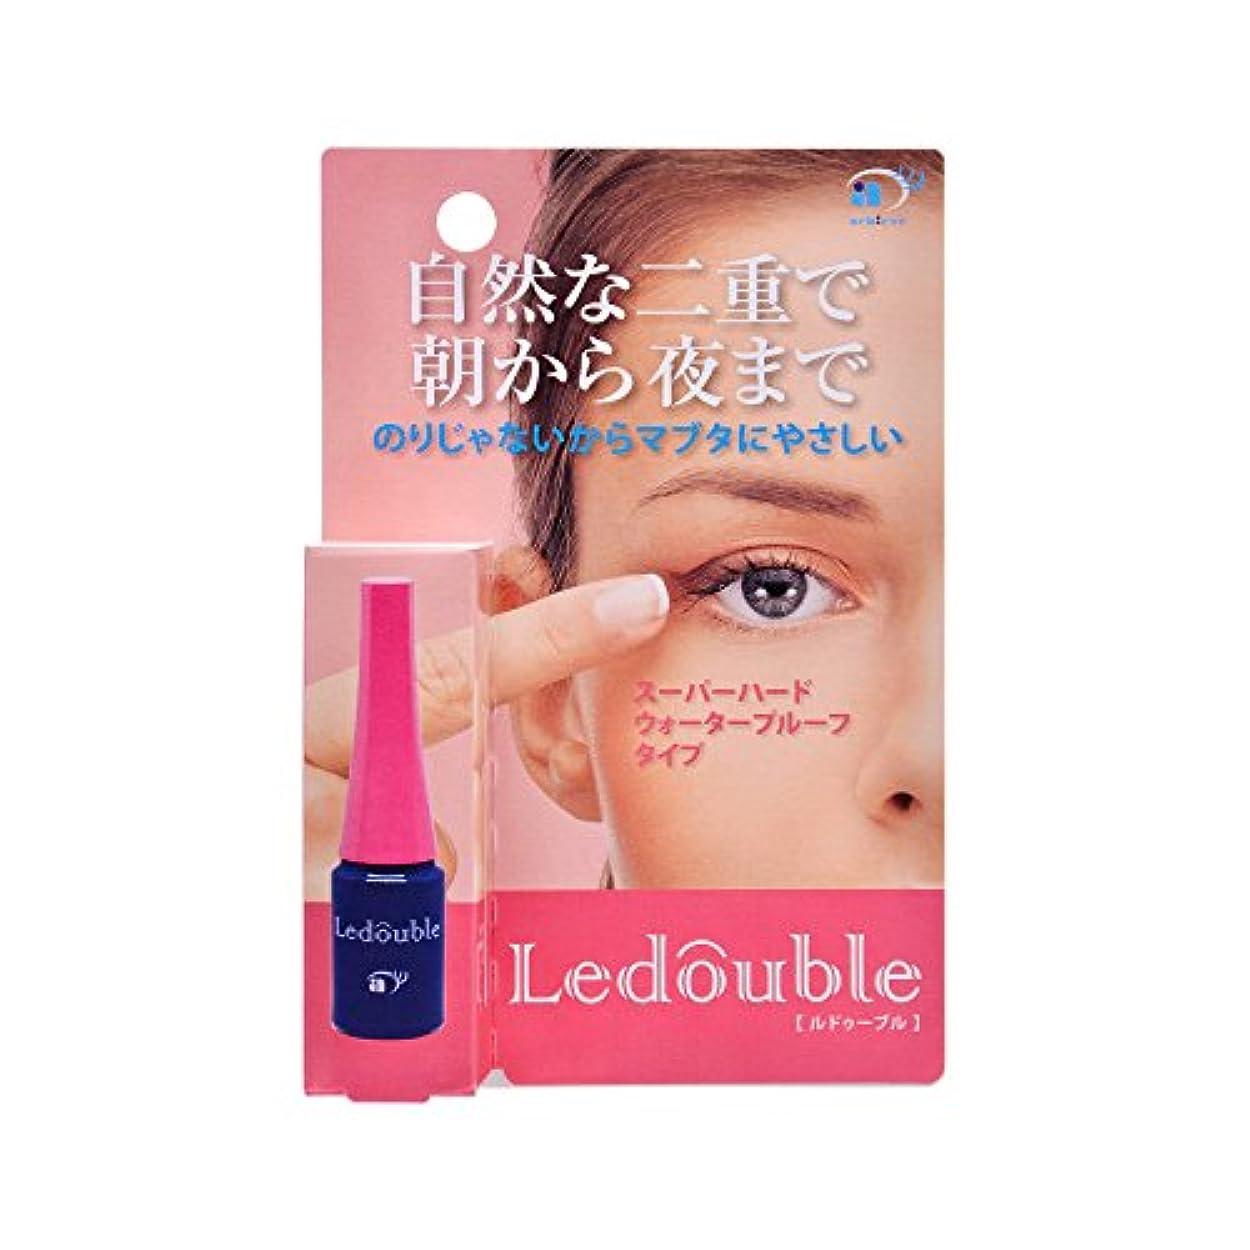 省懇願するパキスタン人Ledouble [ルドゥーブル] 二重まぶた化粧品 (2mL)